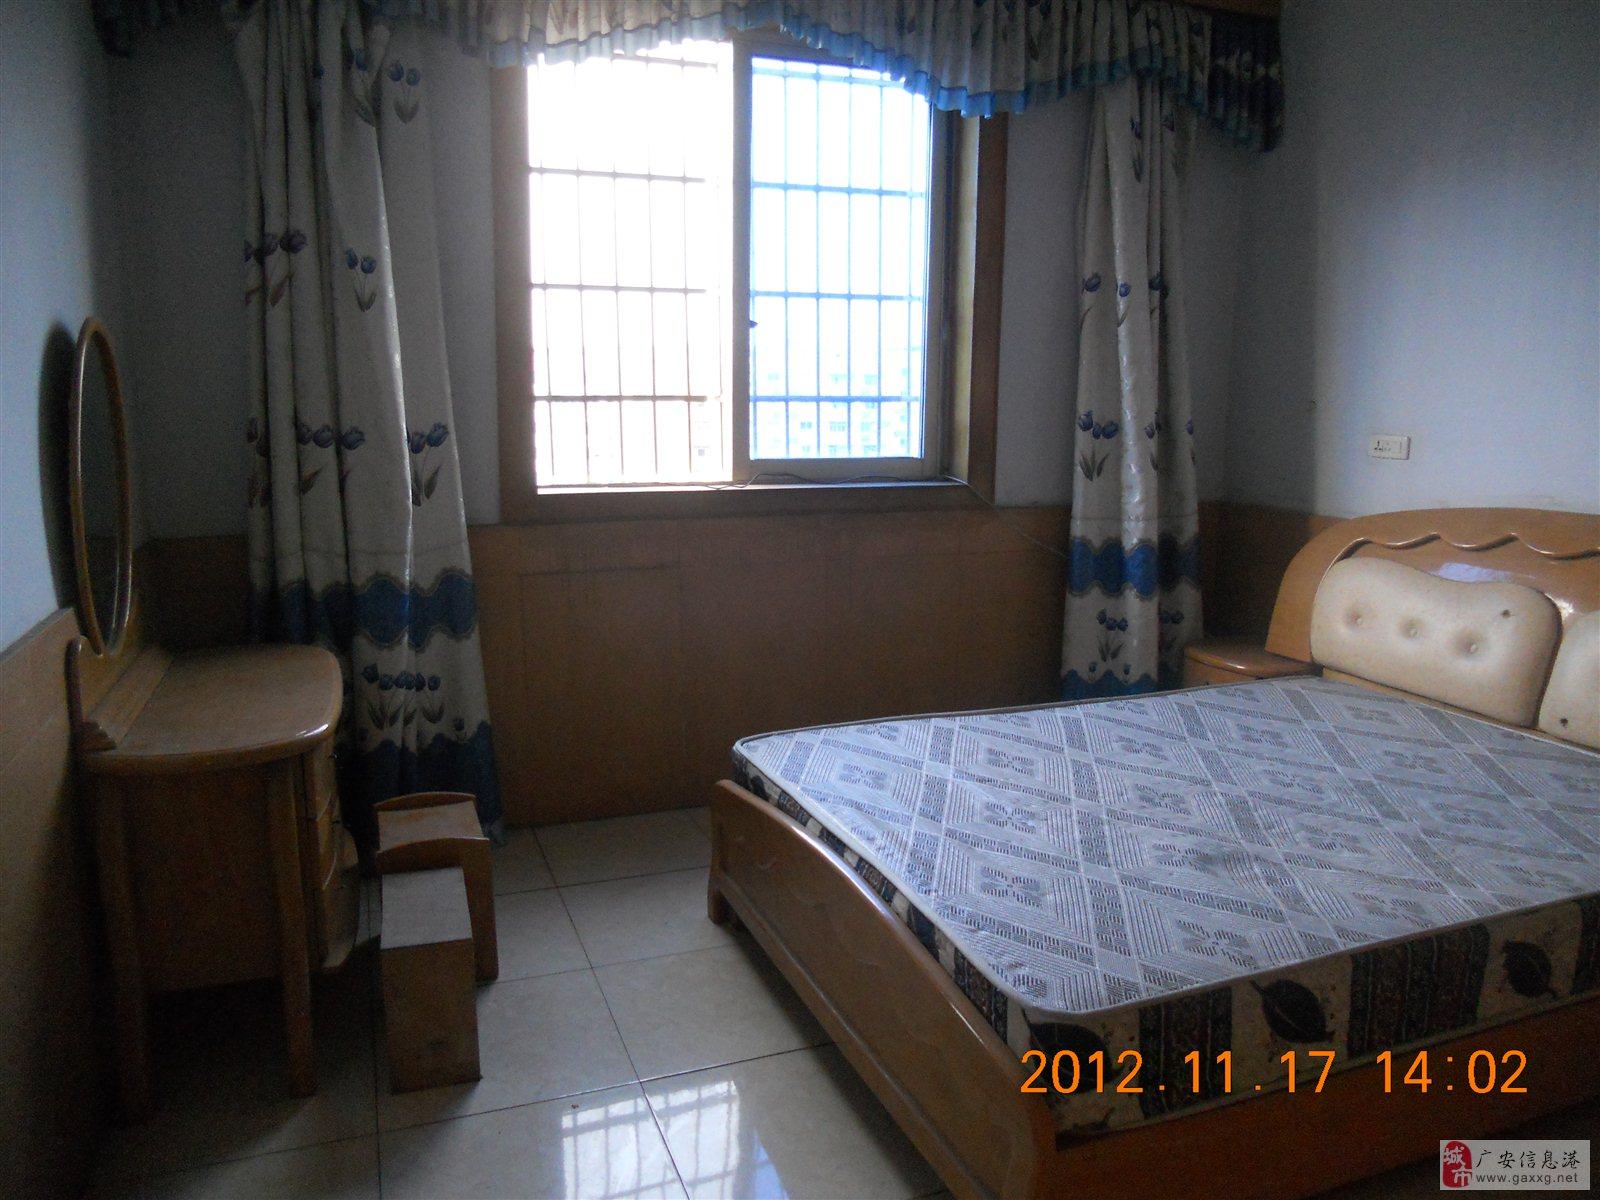 思贤公寓3室2厅1卫精装卧室全看河53万元